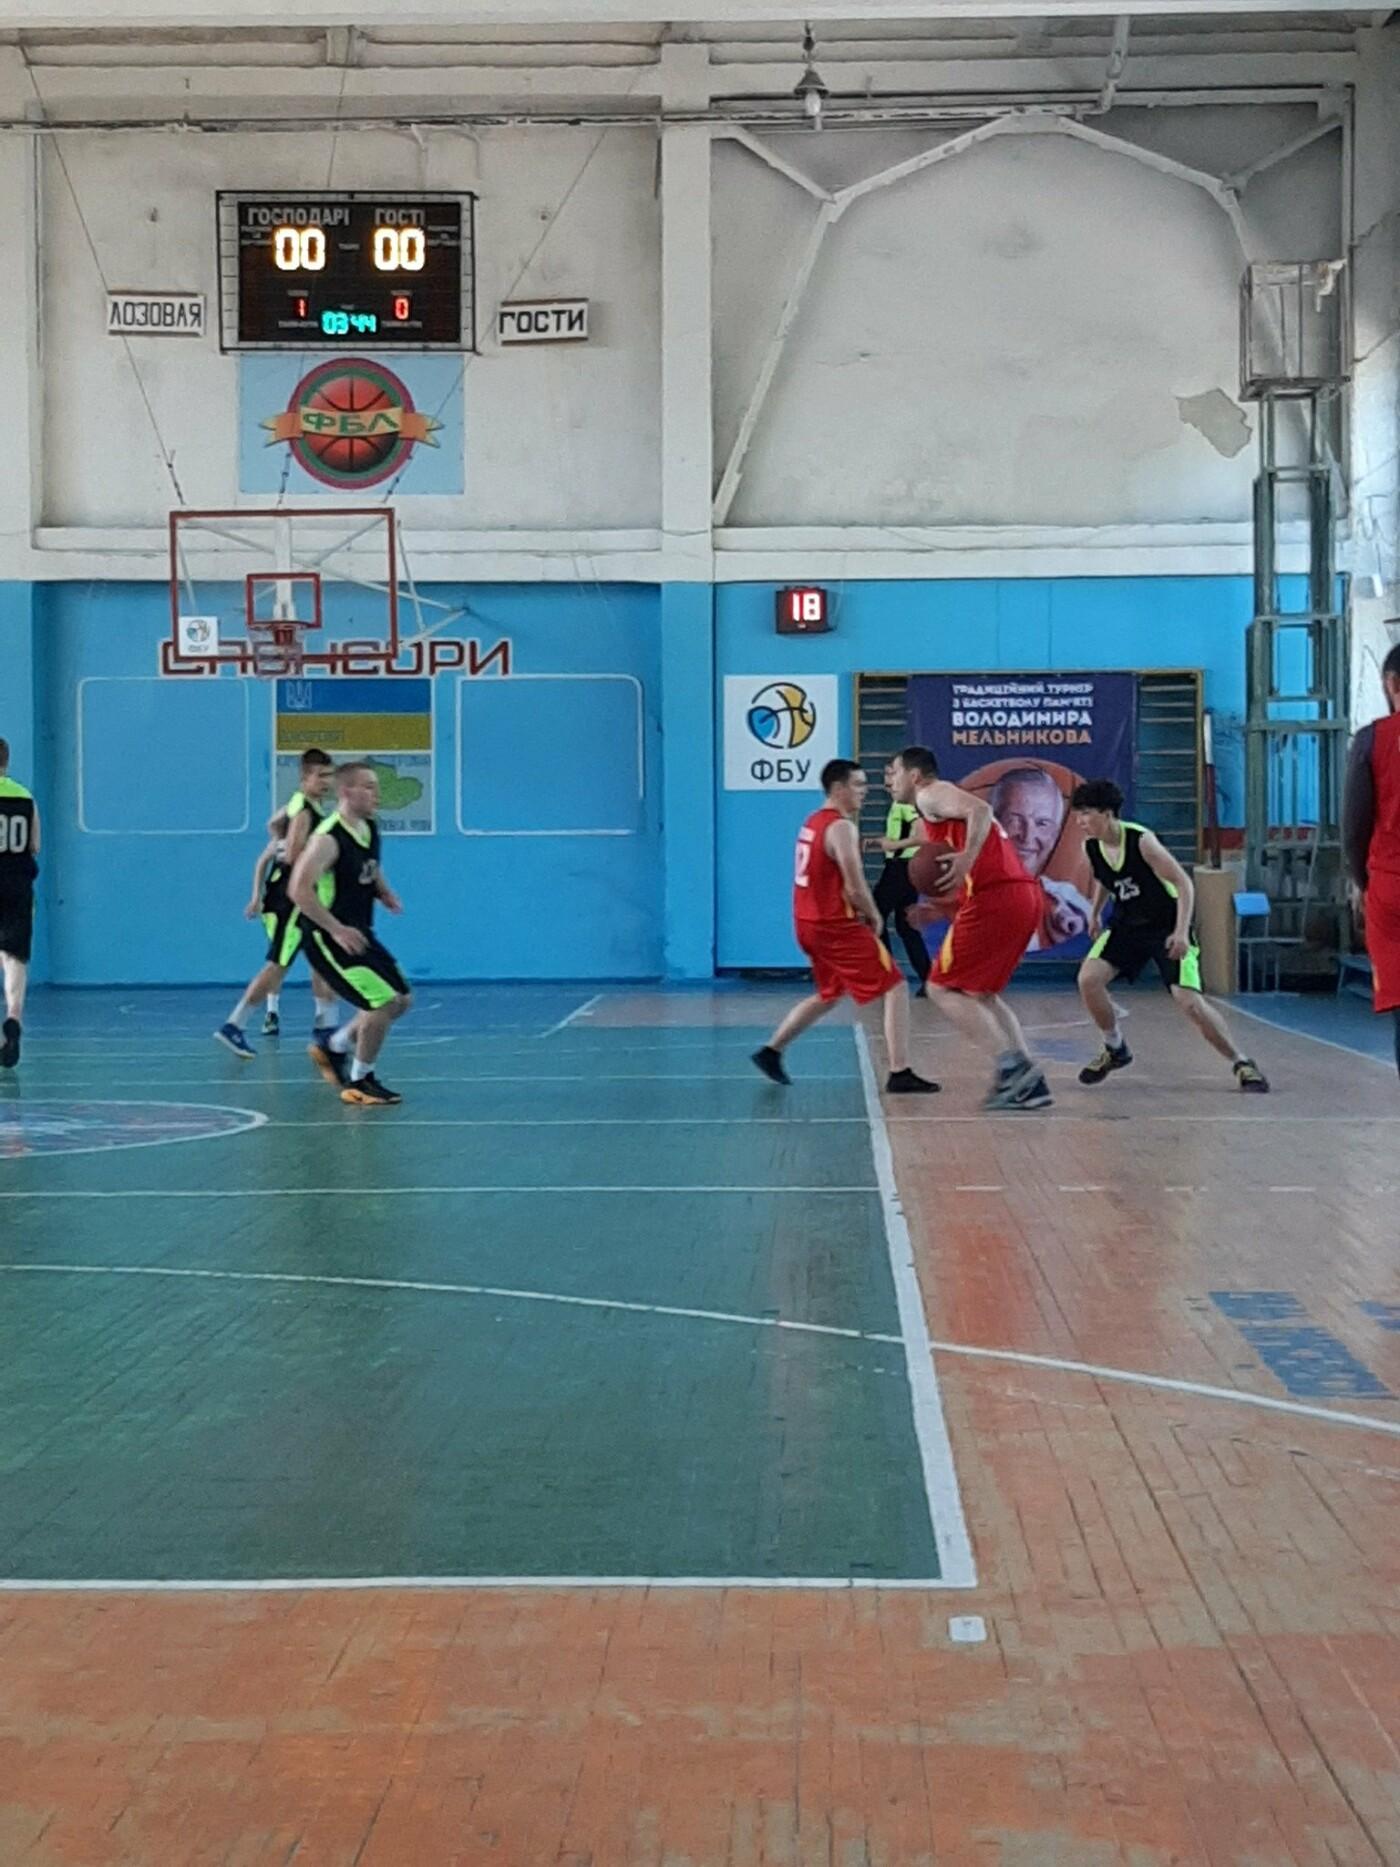 Кубок знову не у Лозовій: як пройшов турнір з баскетболу пам'яті Володимира Мельникова, фото-8